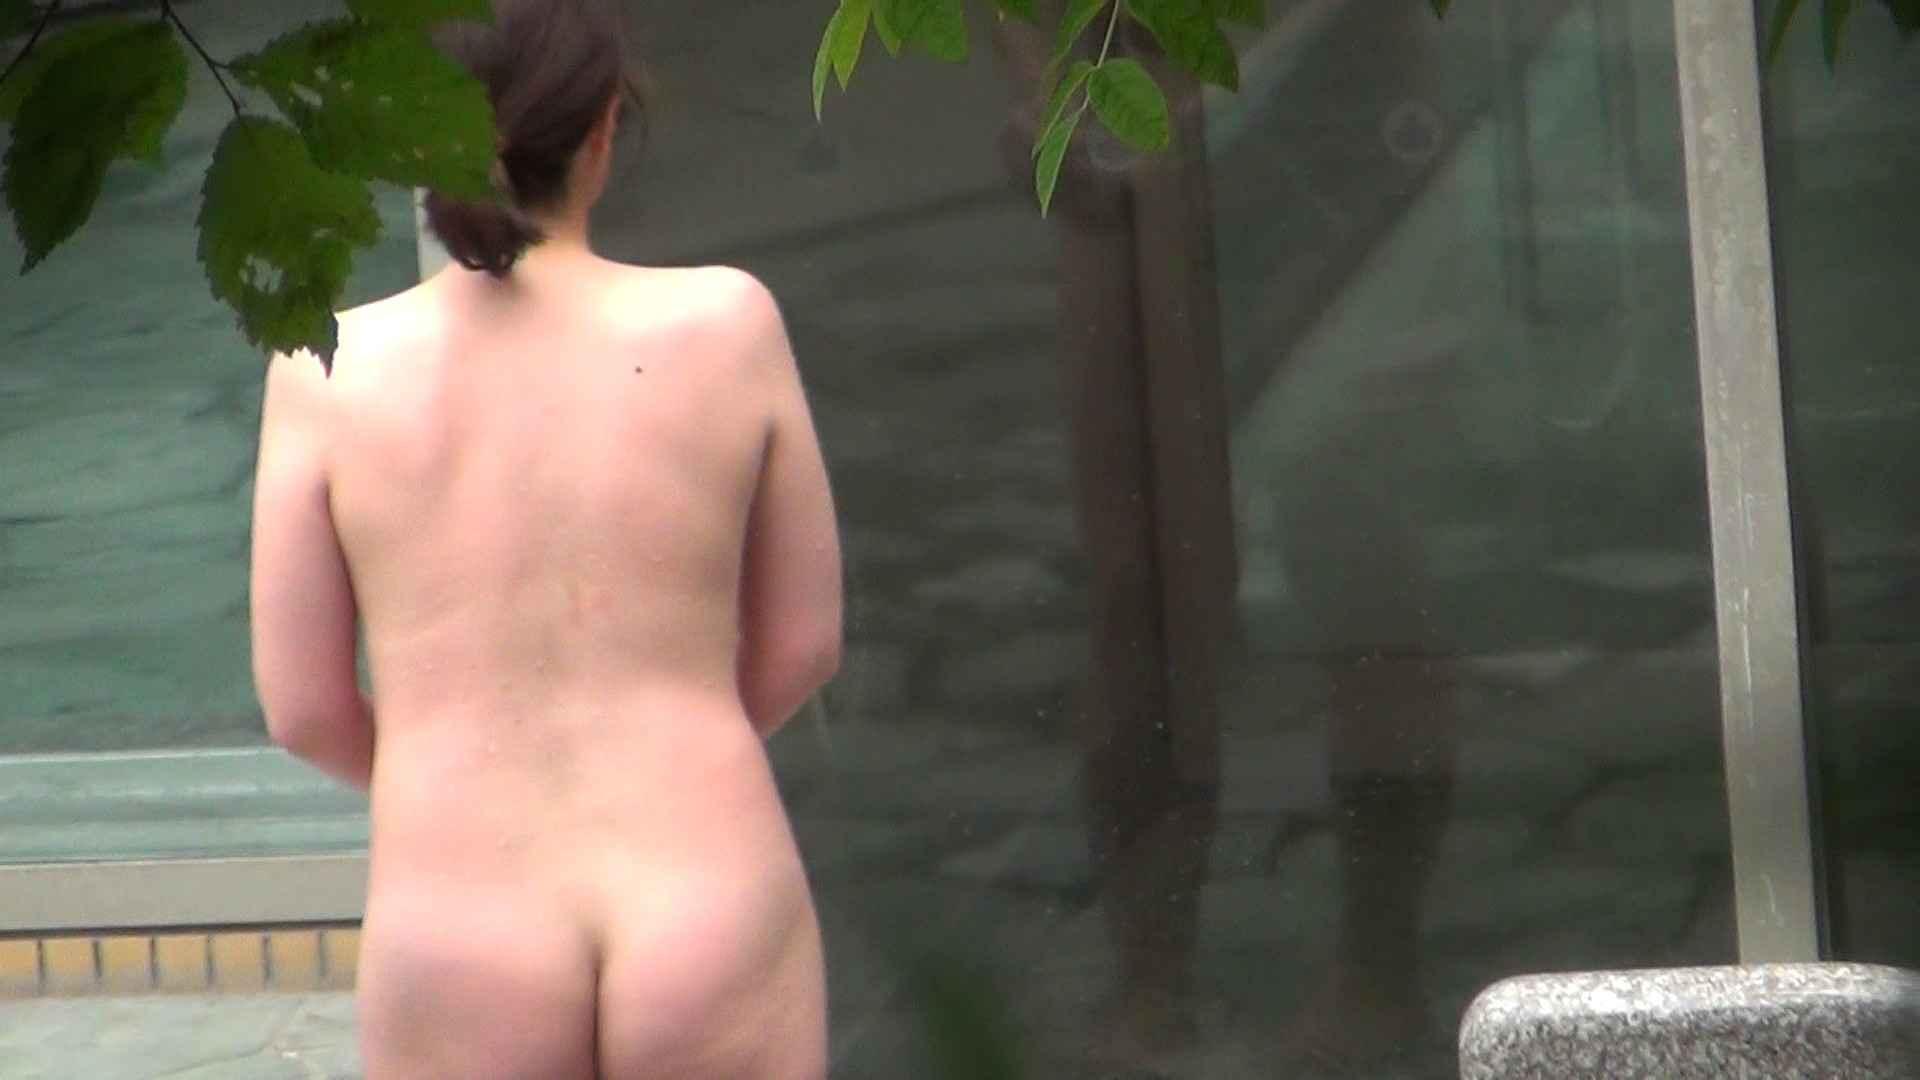 Aquaな露天風呂Vol.249 盗撮 | 露天風呂  60連発 13